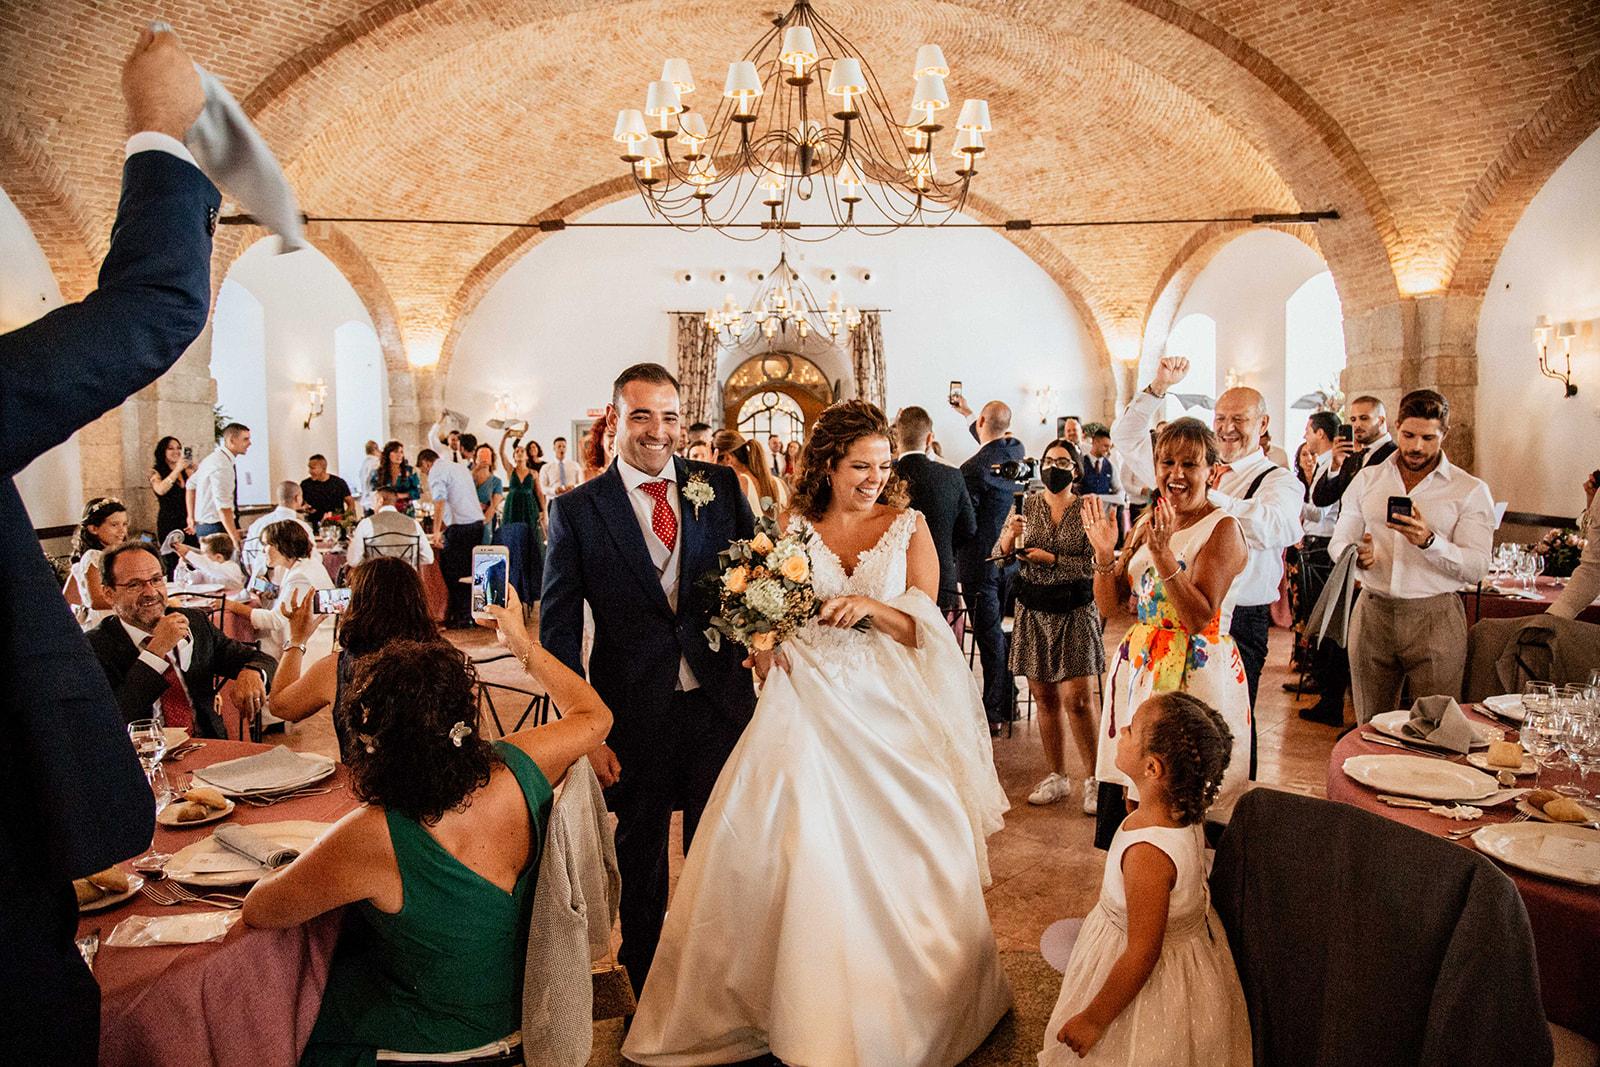 pañuelos al aire con la entrada de la pareja en pareja en Boda en Pabellon de Caza Castillo de Viñuelas Madrid